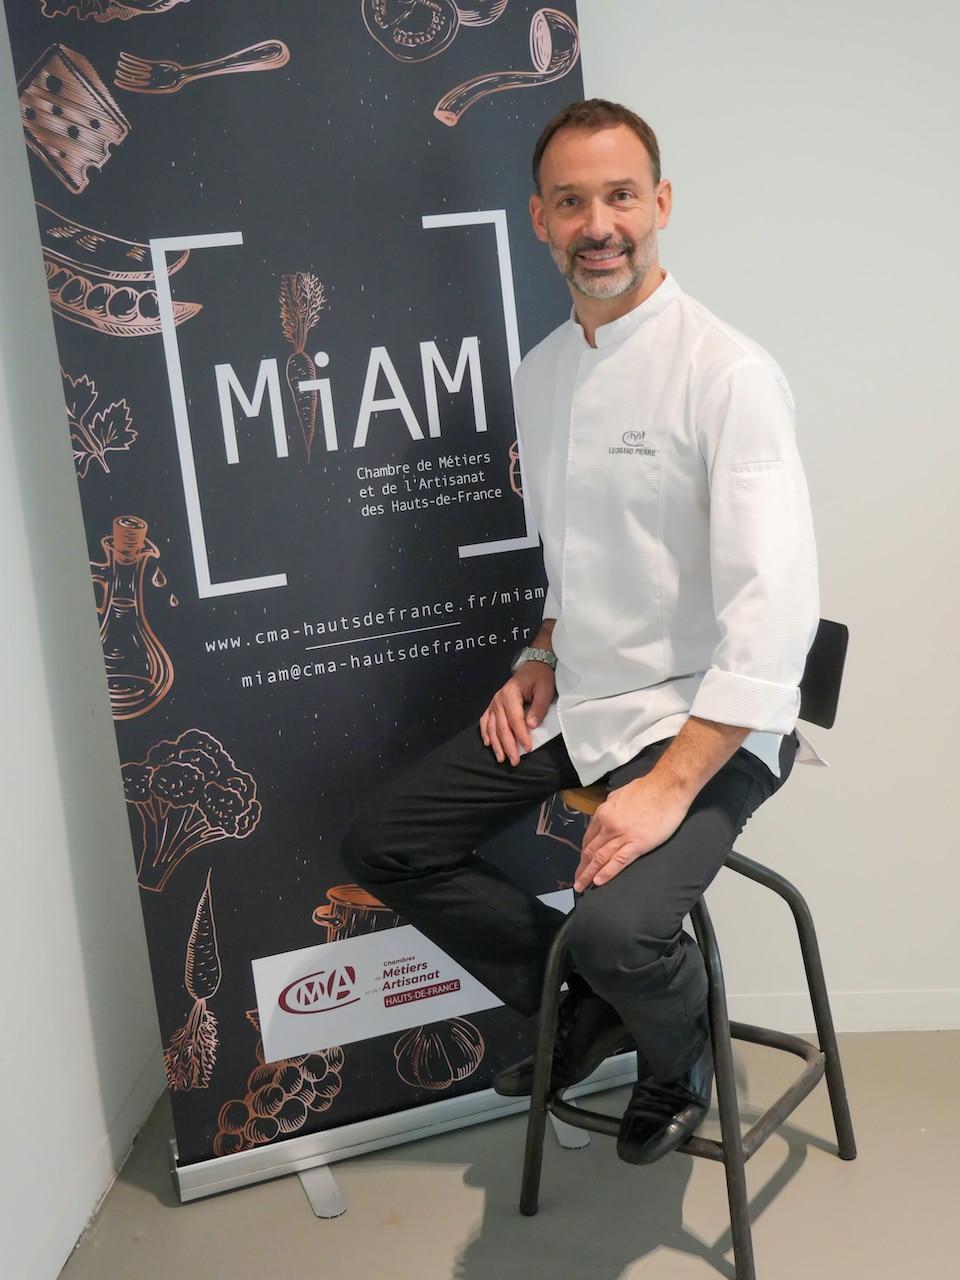 Pierre legrand-chef etoile-MIAM Lille-Hauts de france